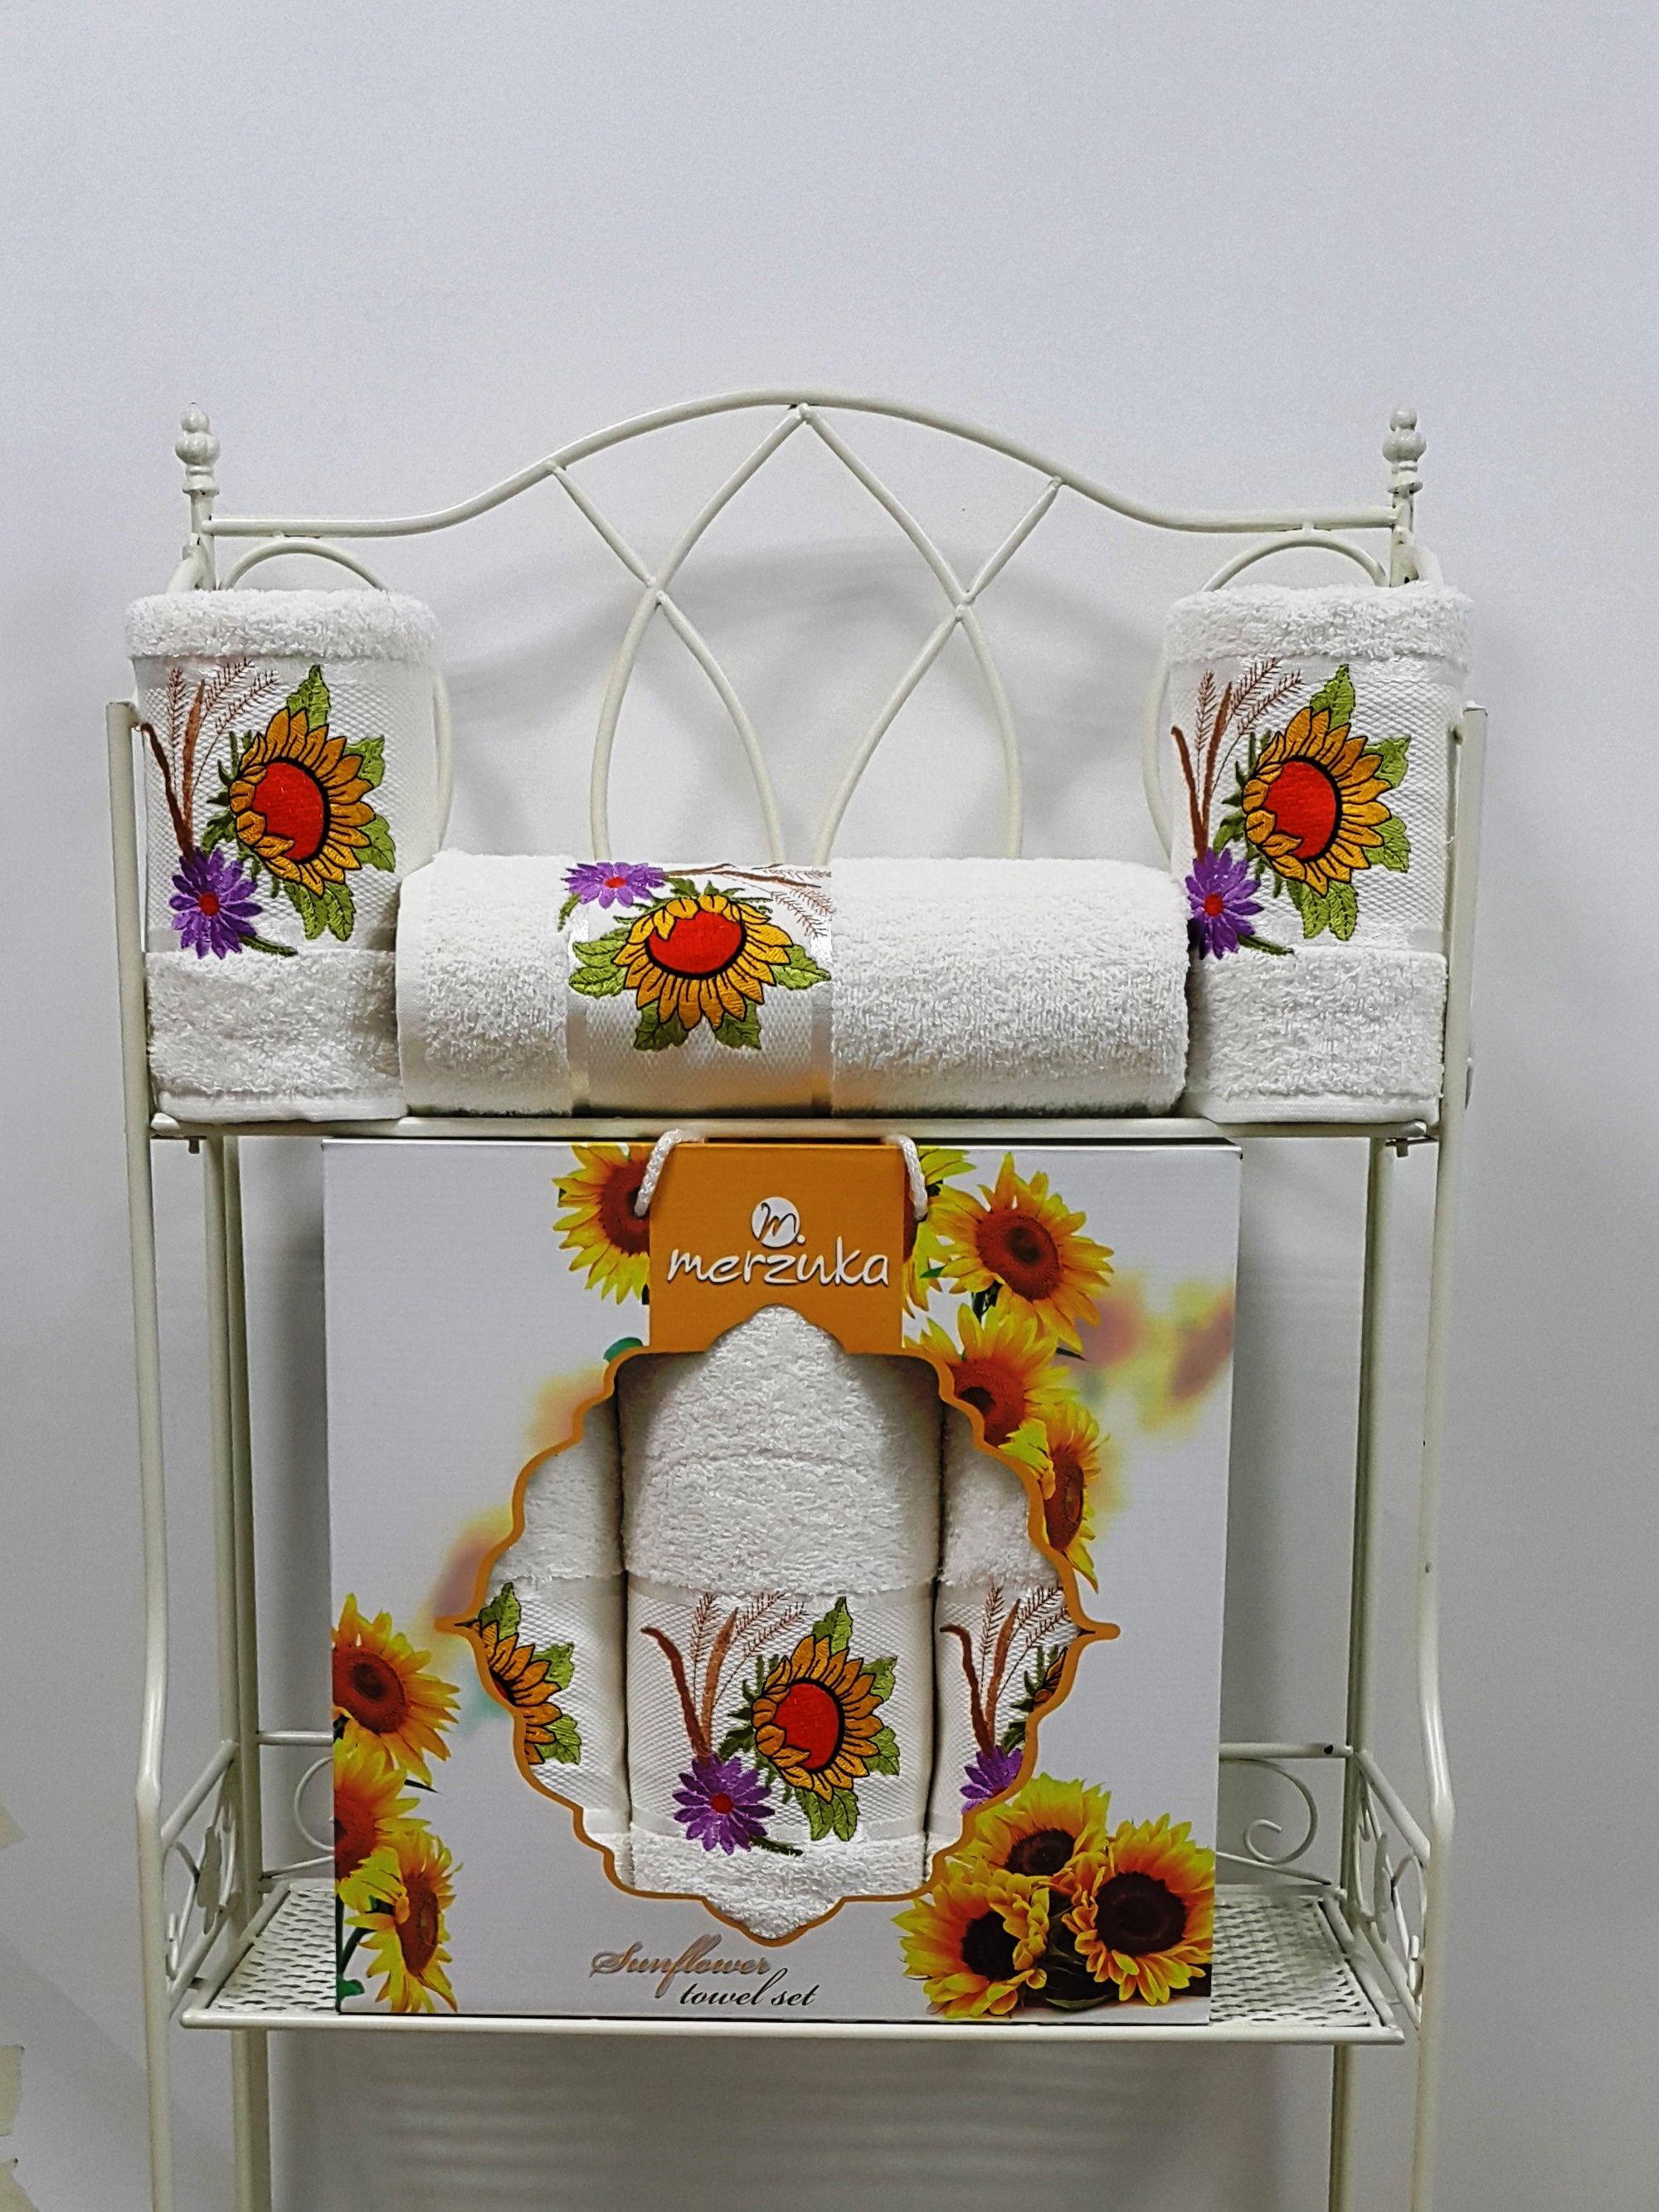 где купить  Полотенца Oran Merzuka Полотенце Sunflower Цвет: Кремовый (50х80 см - 2 шт,70х130 см)  по лучшей цене